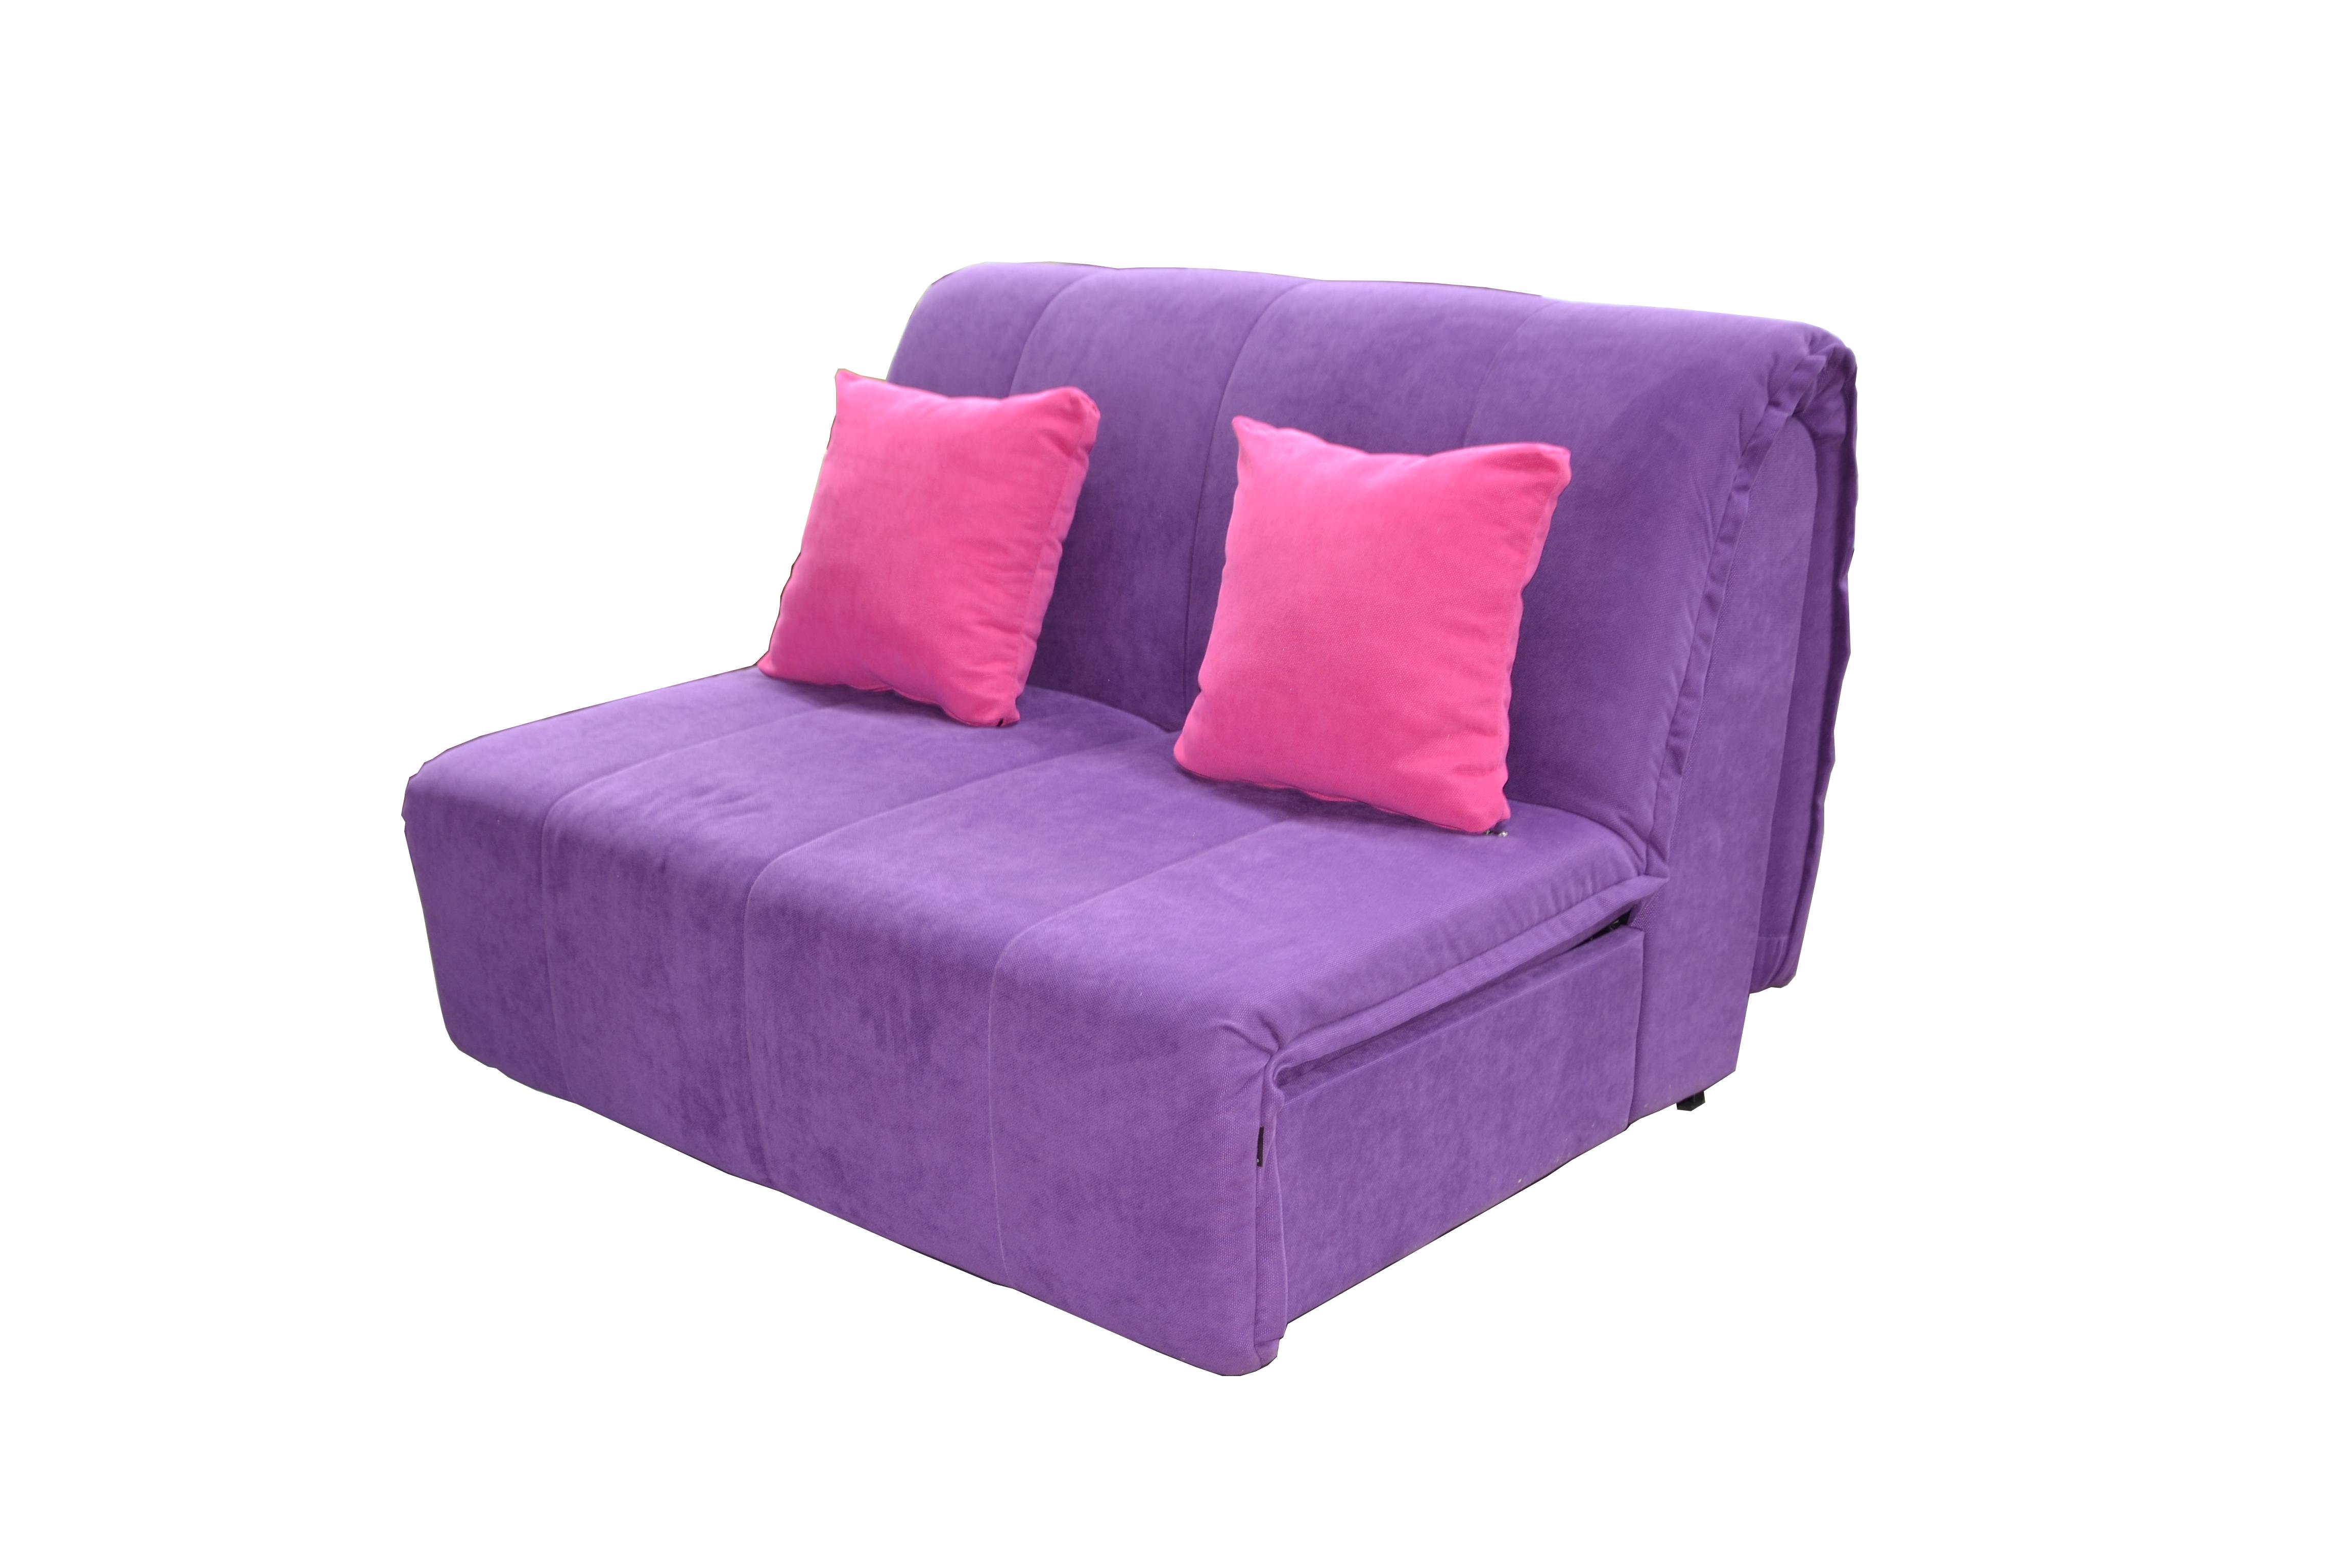 купить диван мальта New спинка в киеве недорого со складабыстрая